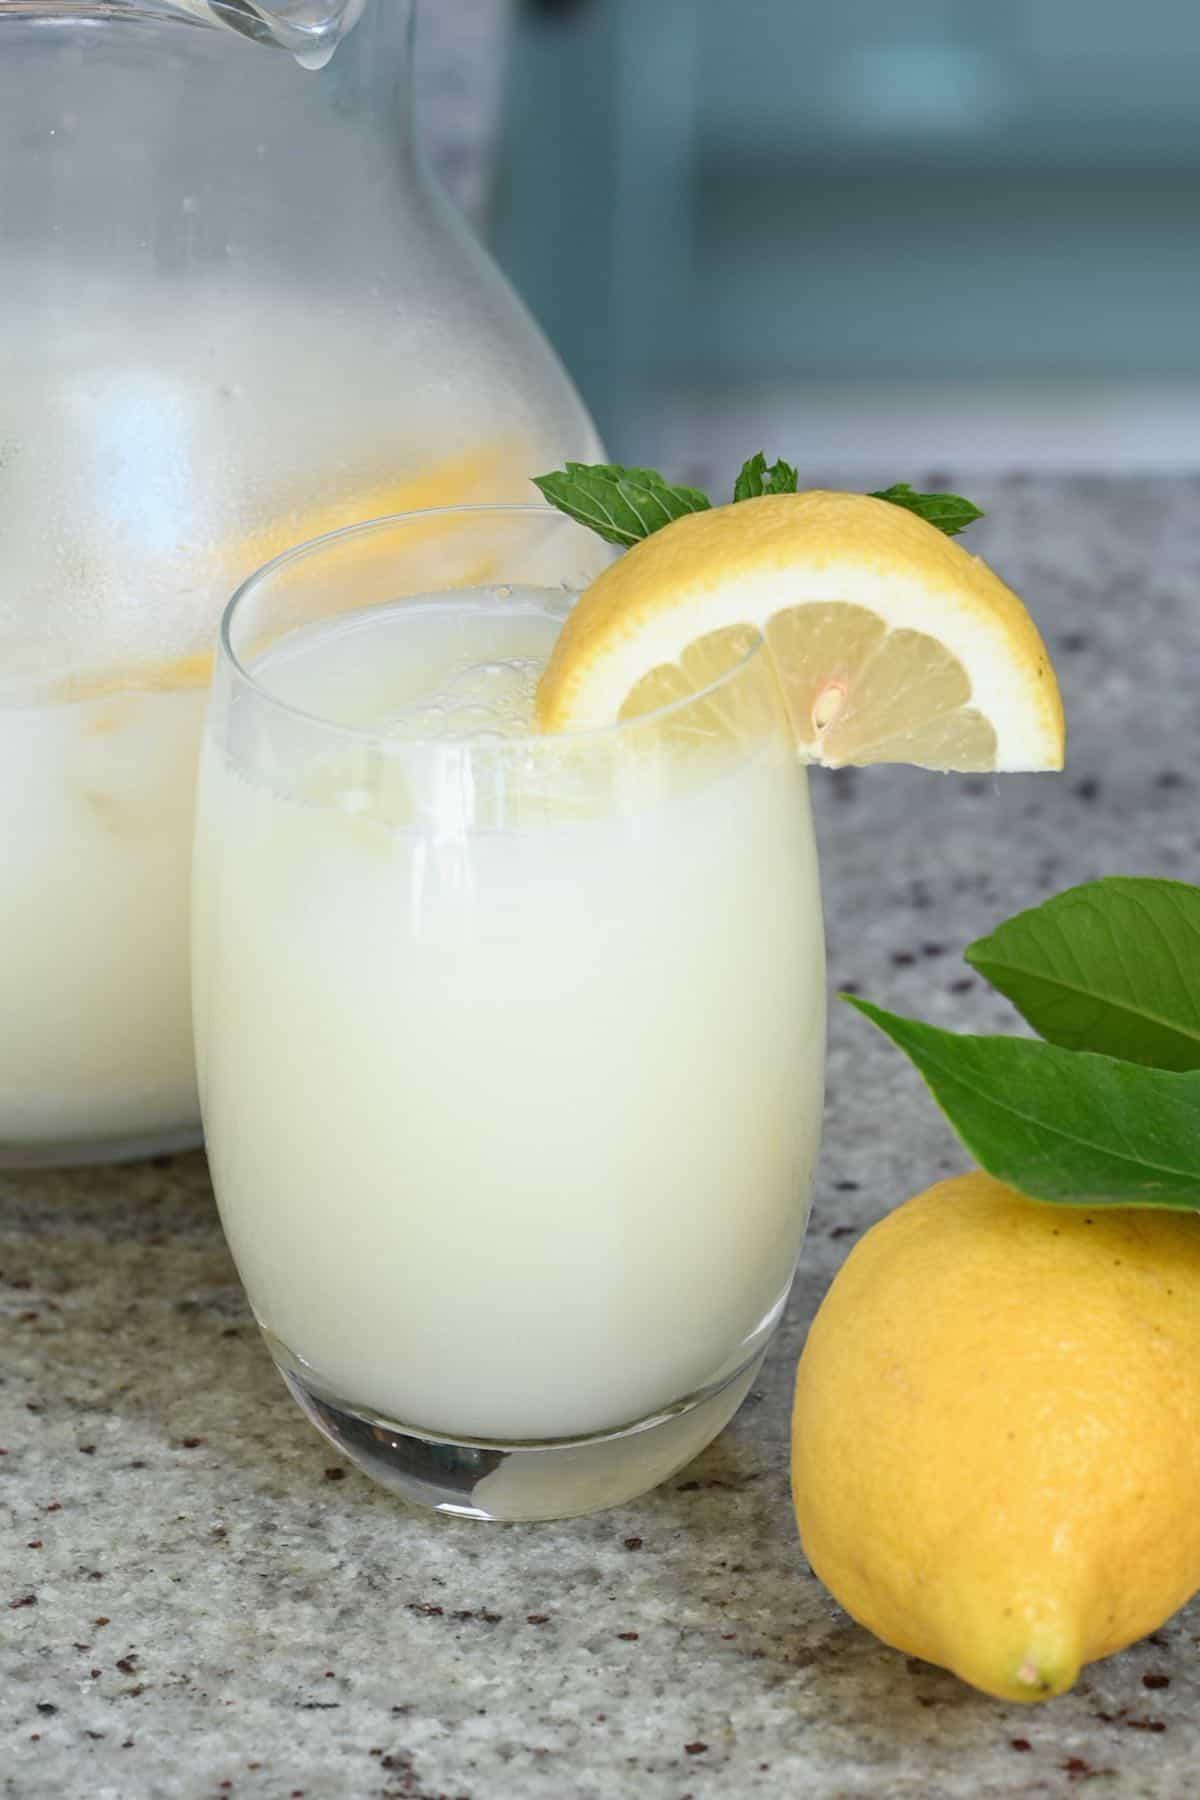 Creamy lemonade in a glass